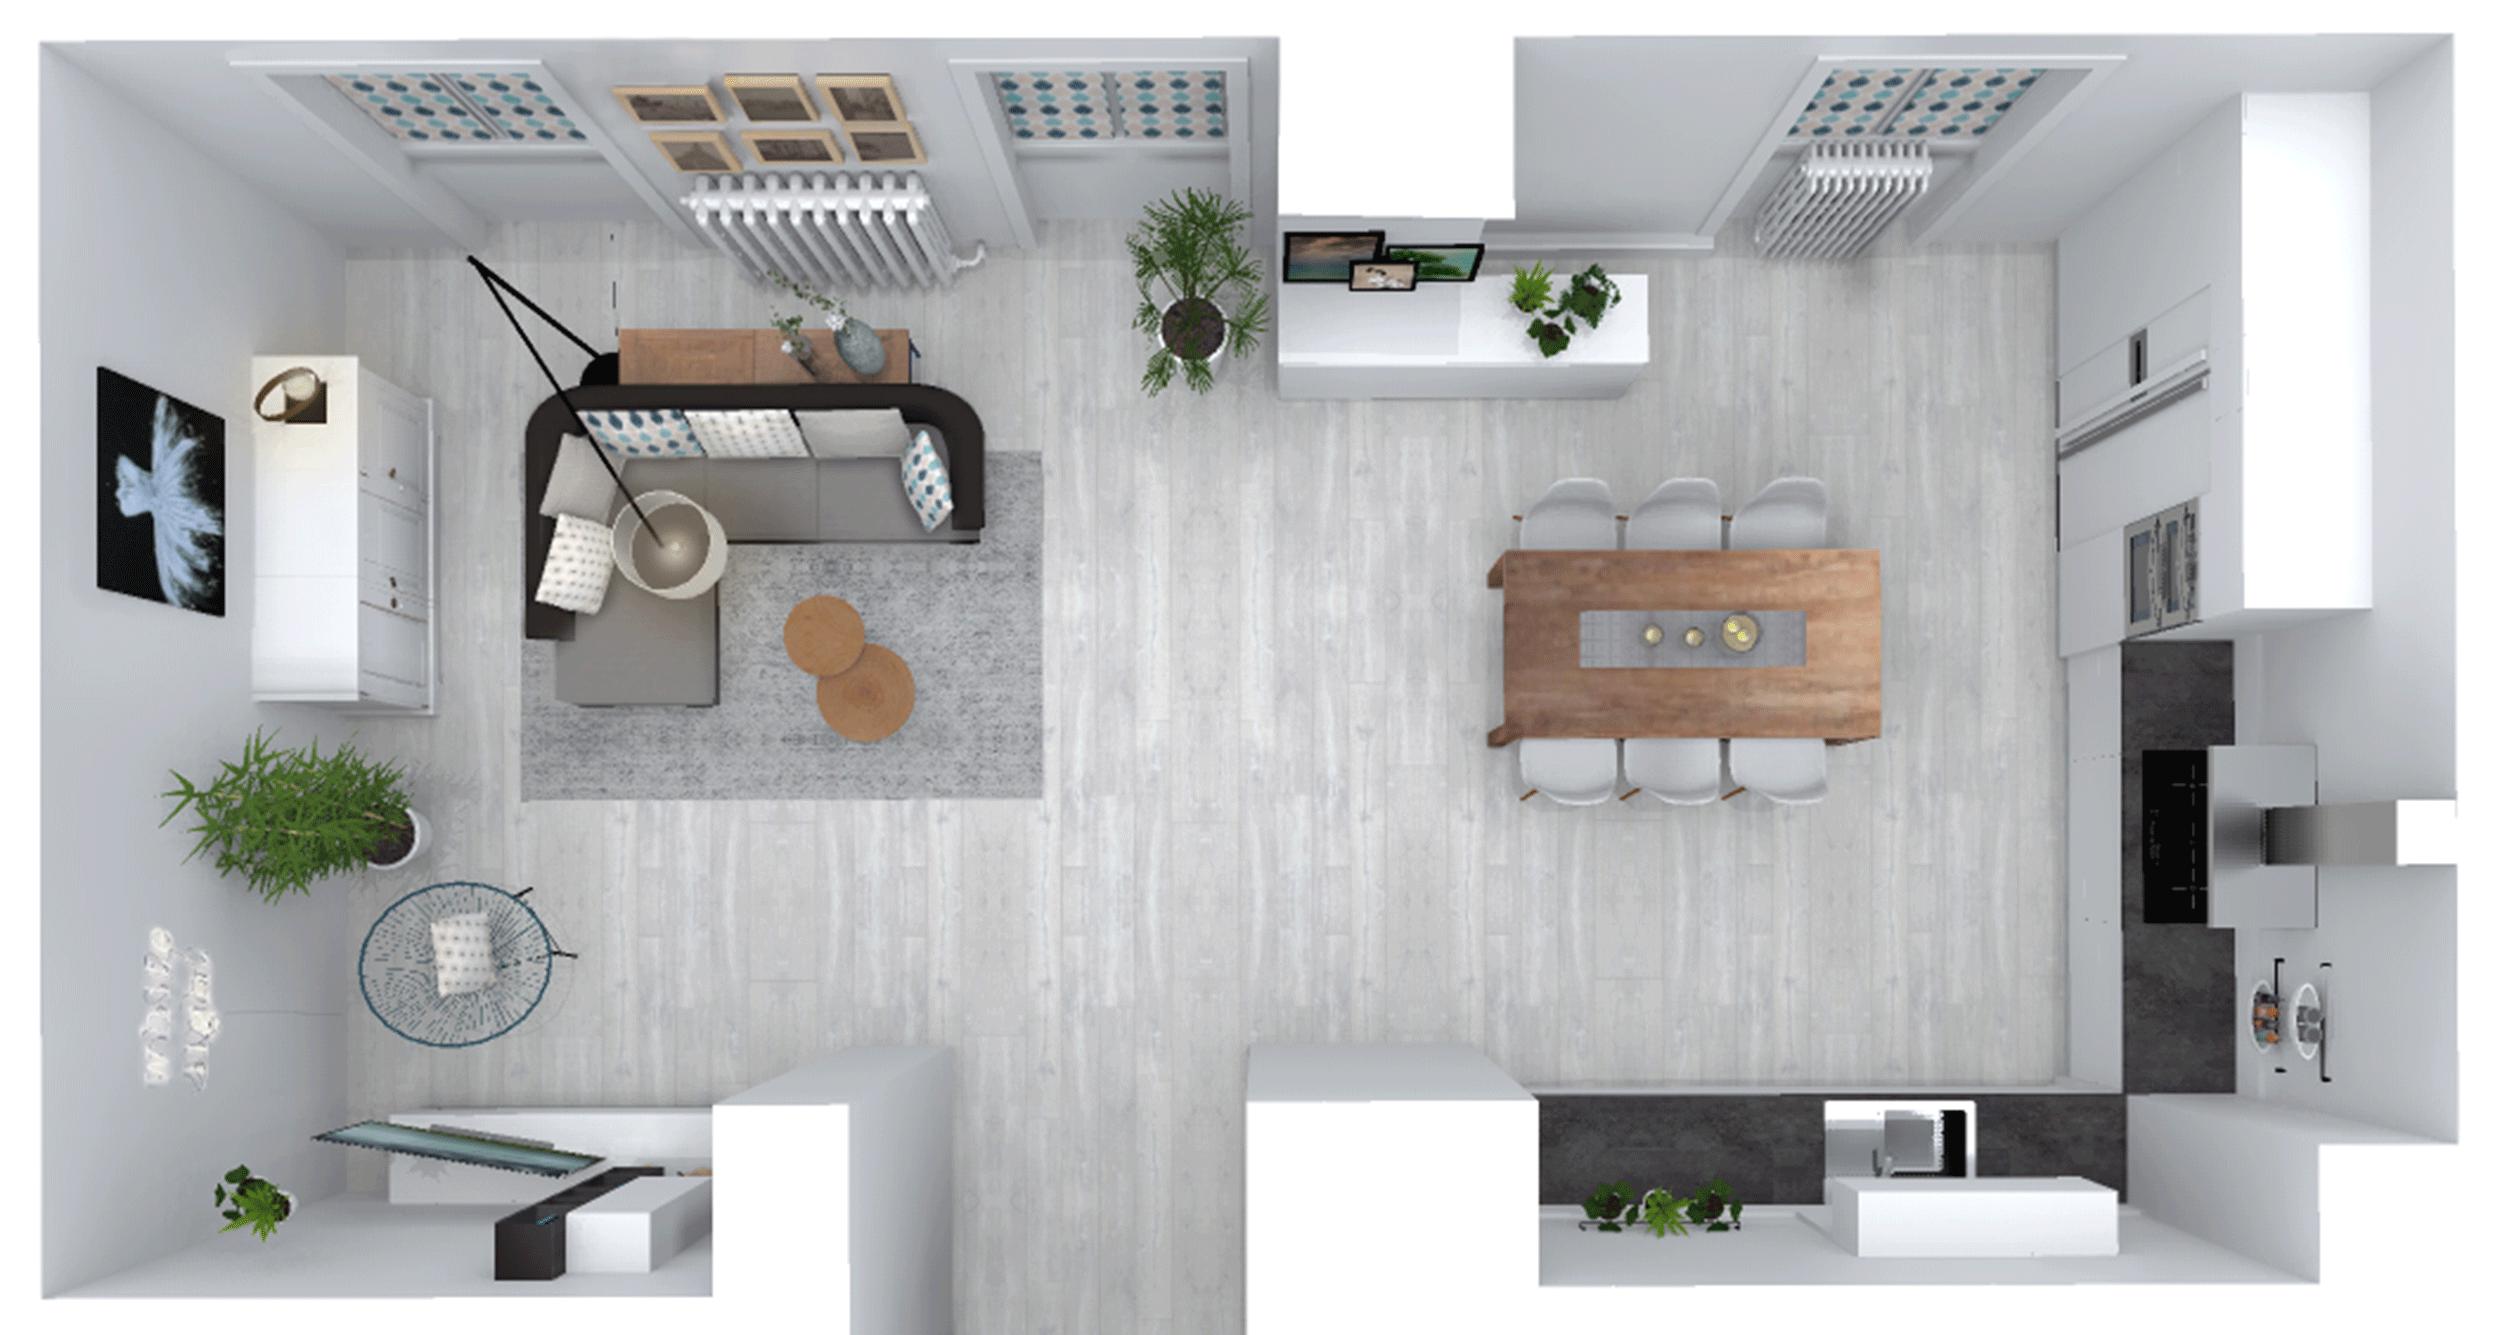 r alisation sk a tiphaine thomas d coratrice d coration architecte d 39 int rieur. Black Bedroom Furniture Sets. Home Design Ideas